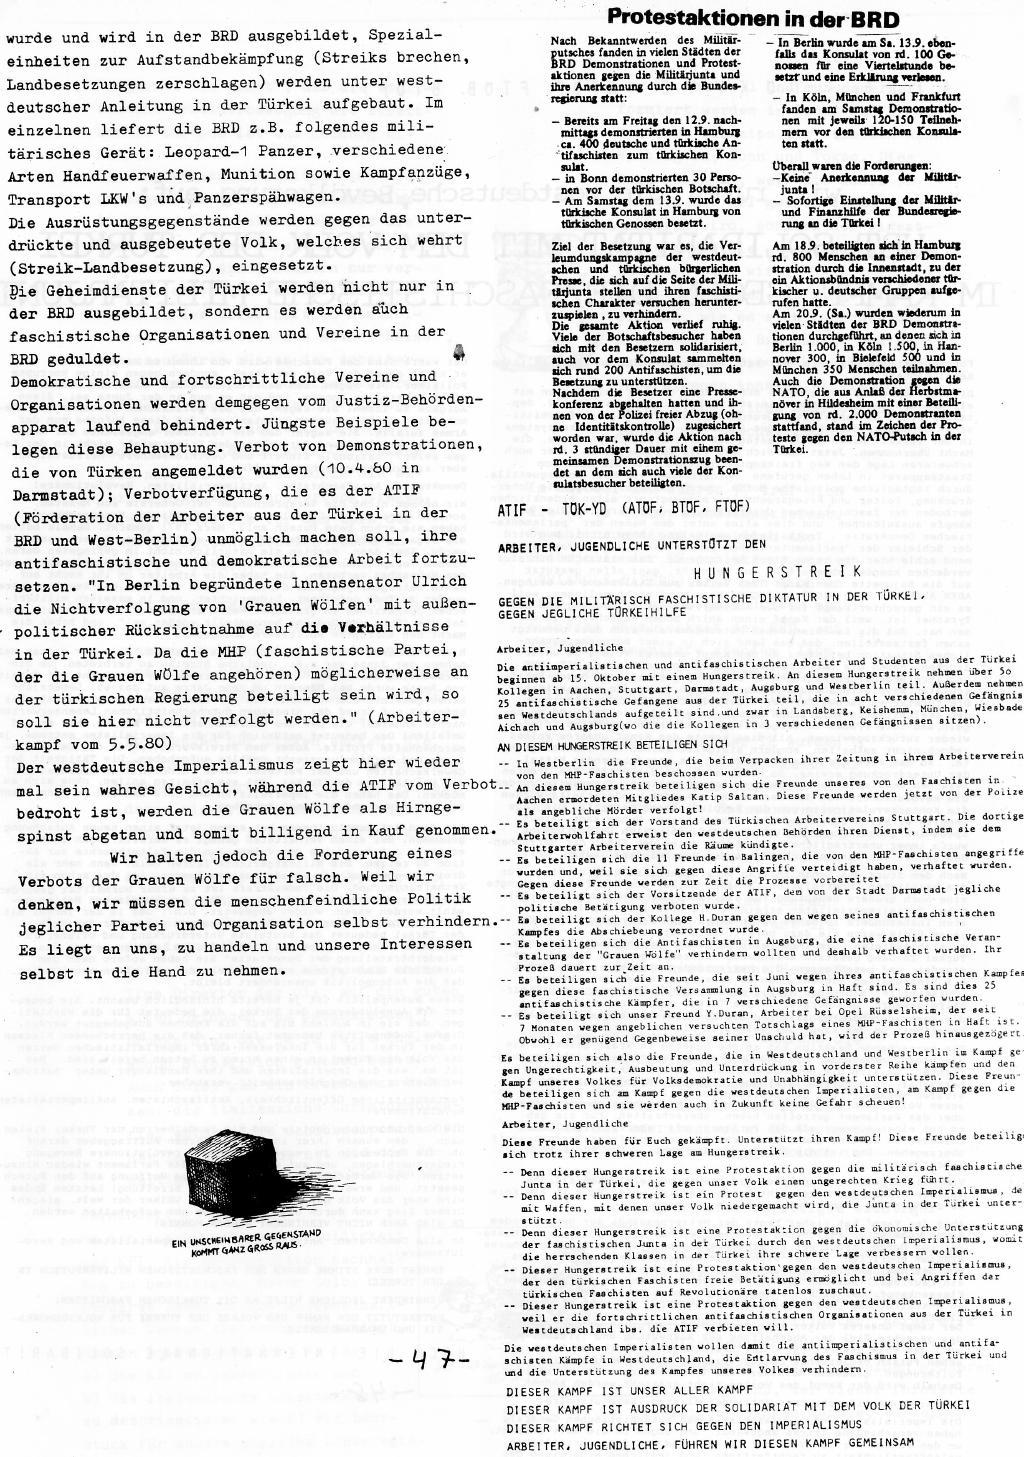 Bremen_1980_NATO_Broschuere_47